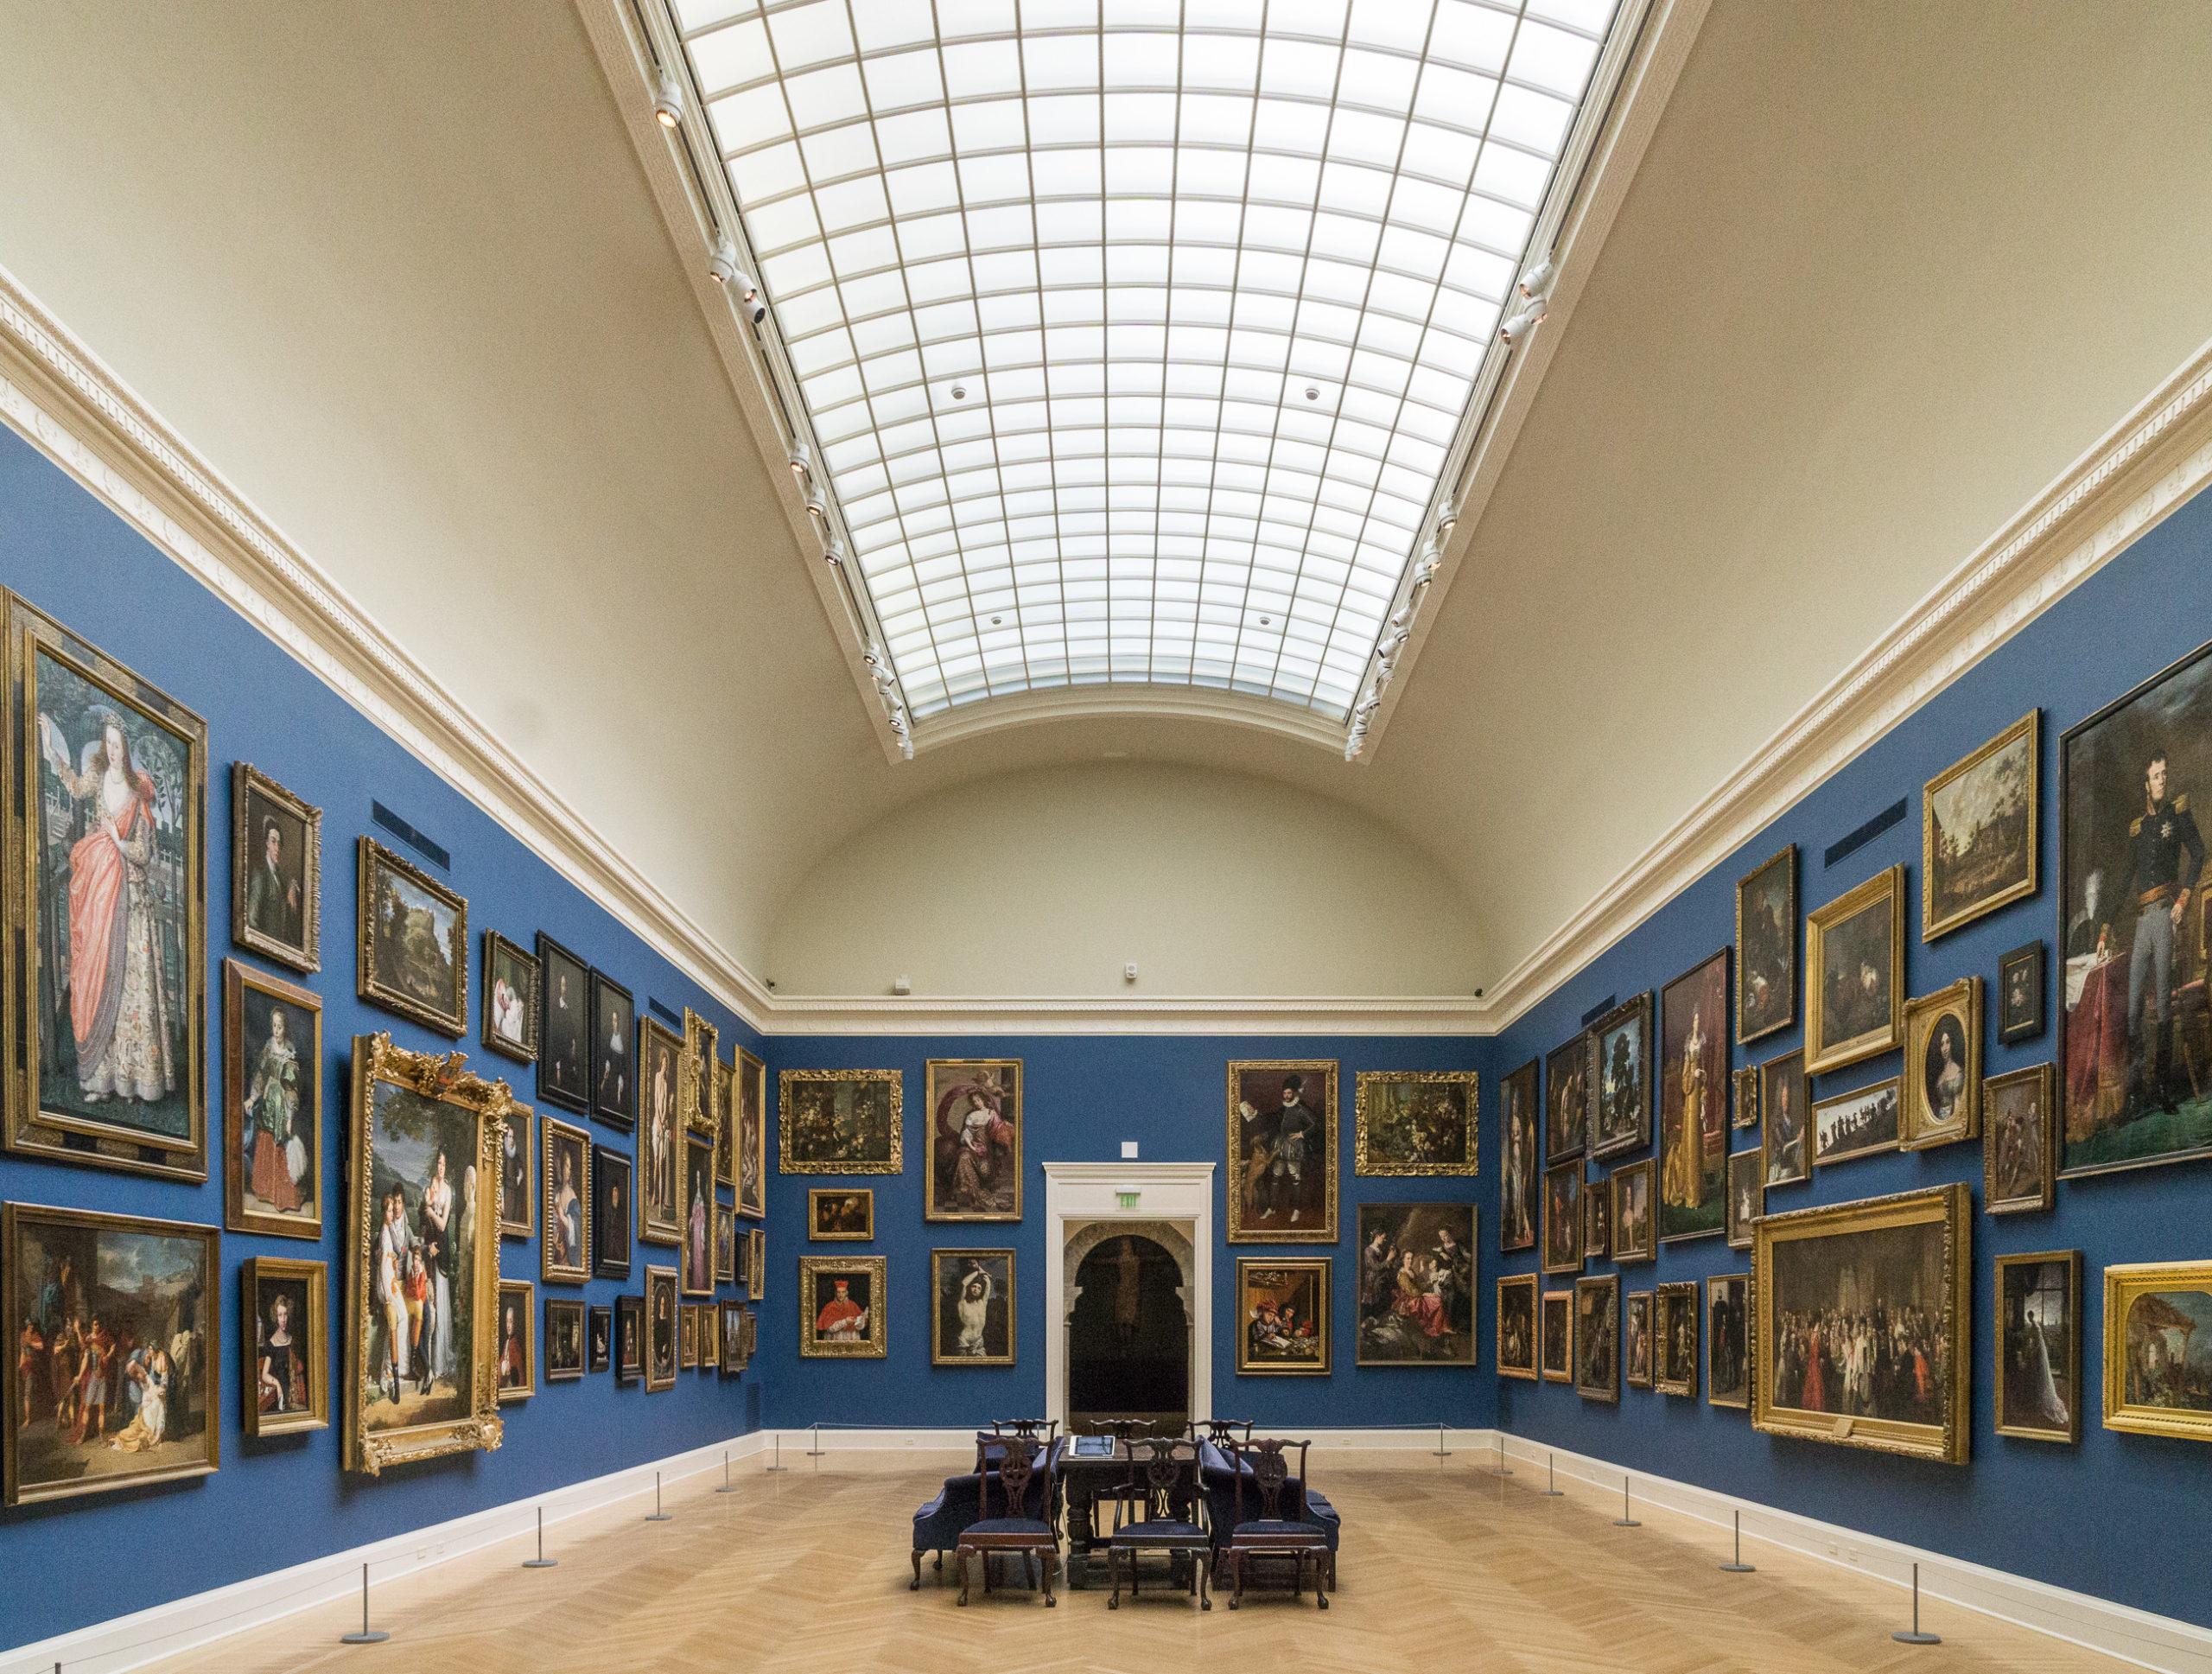 RISD Museum of art interior